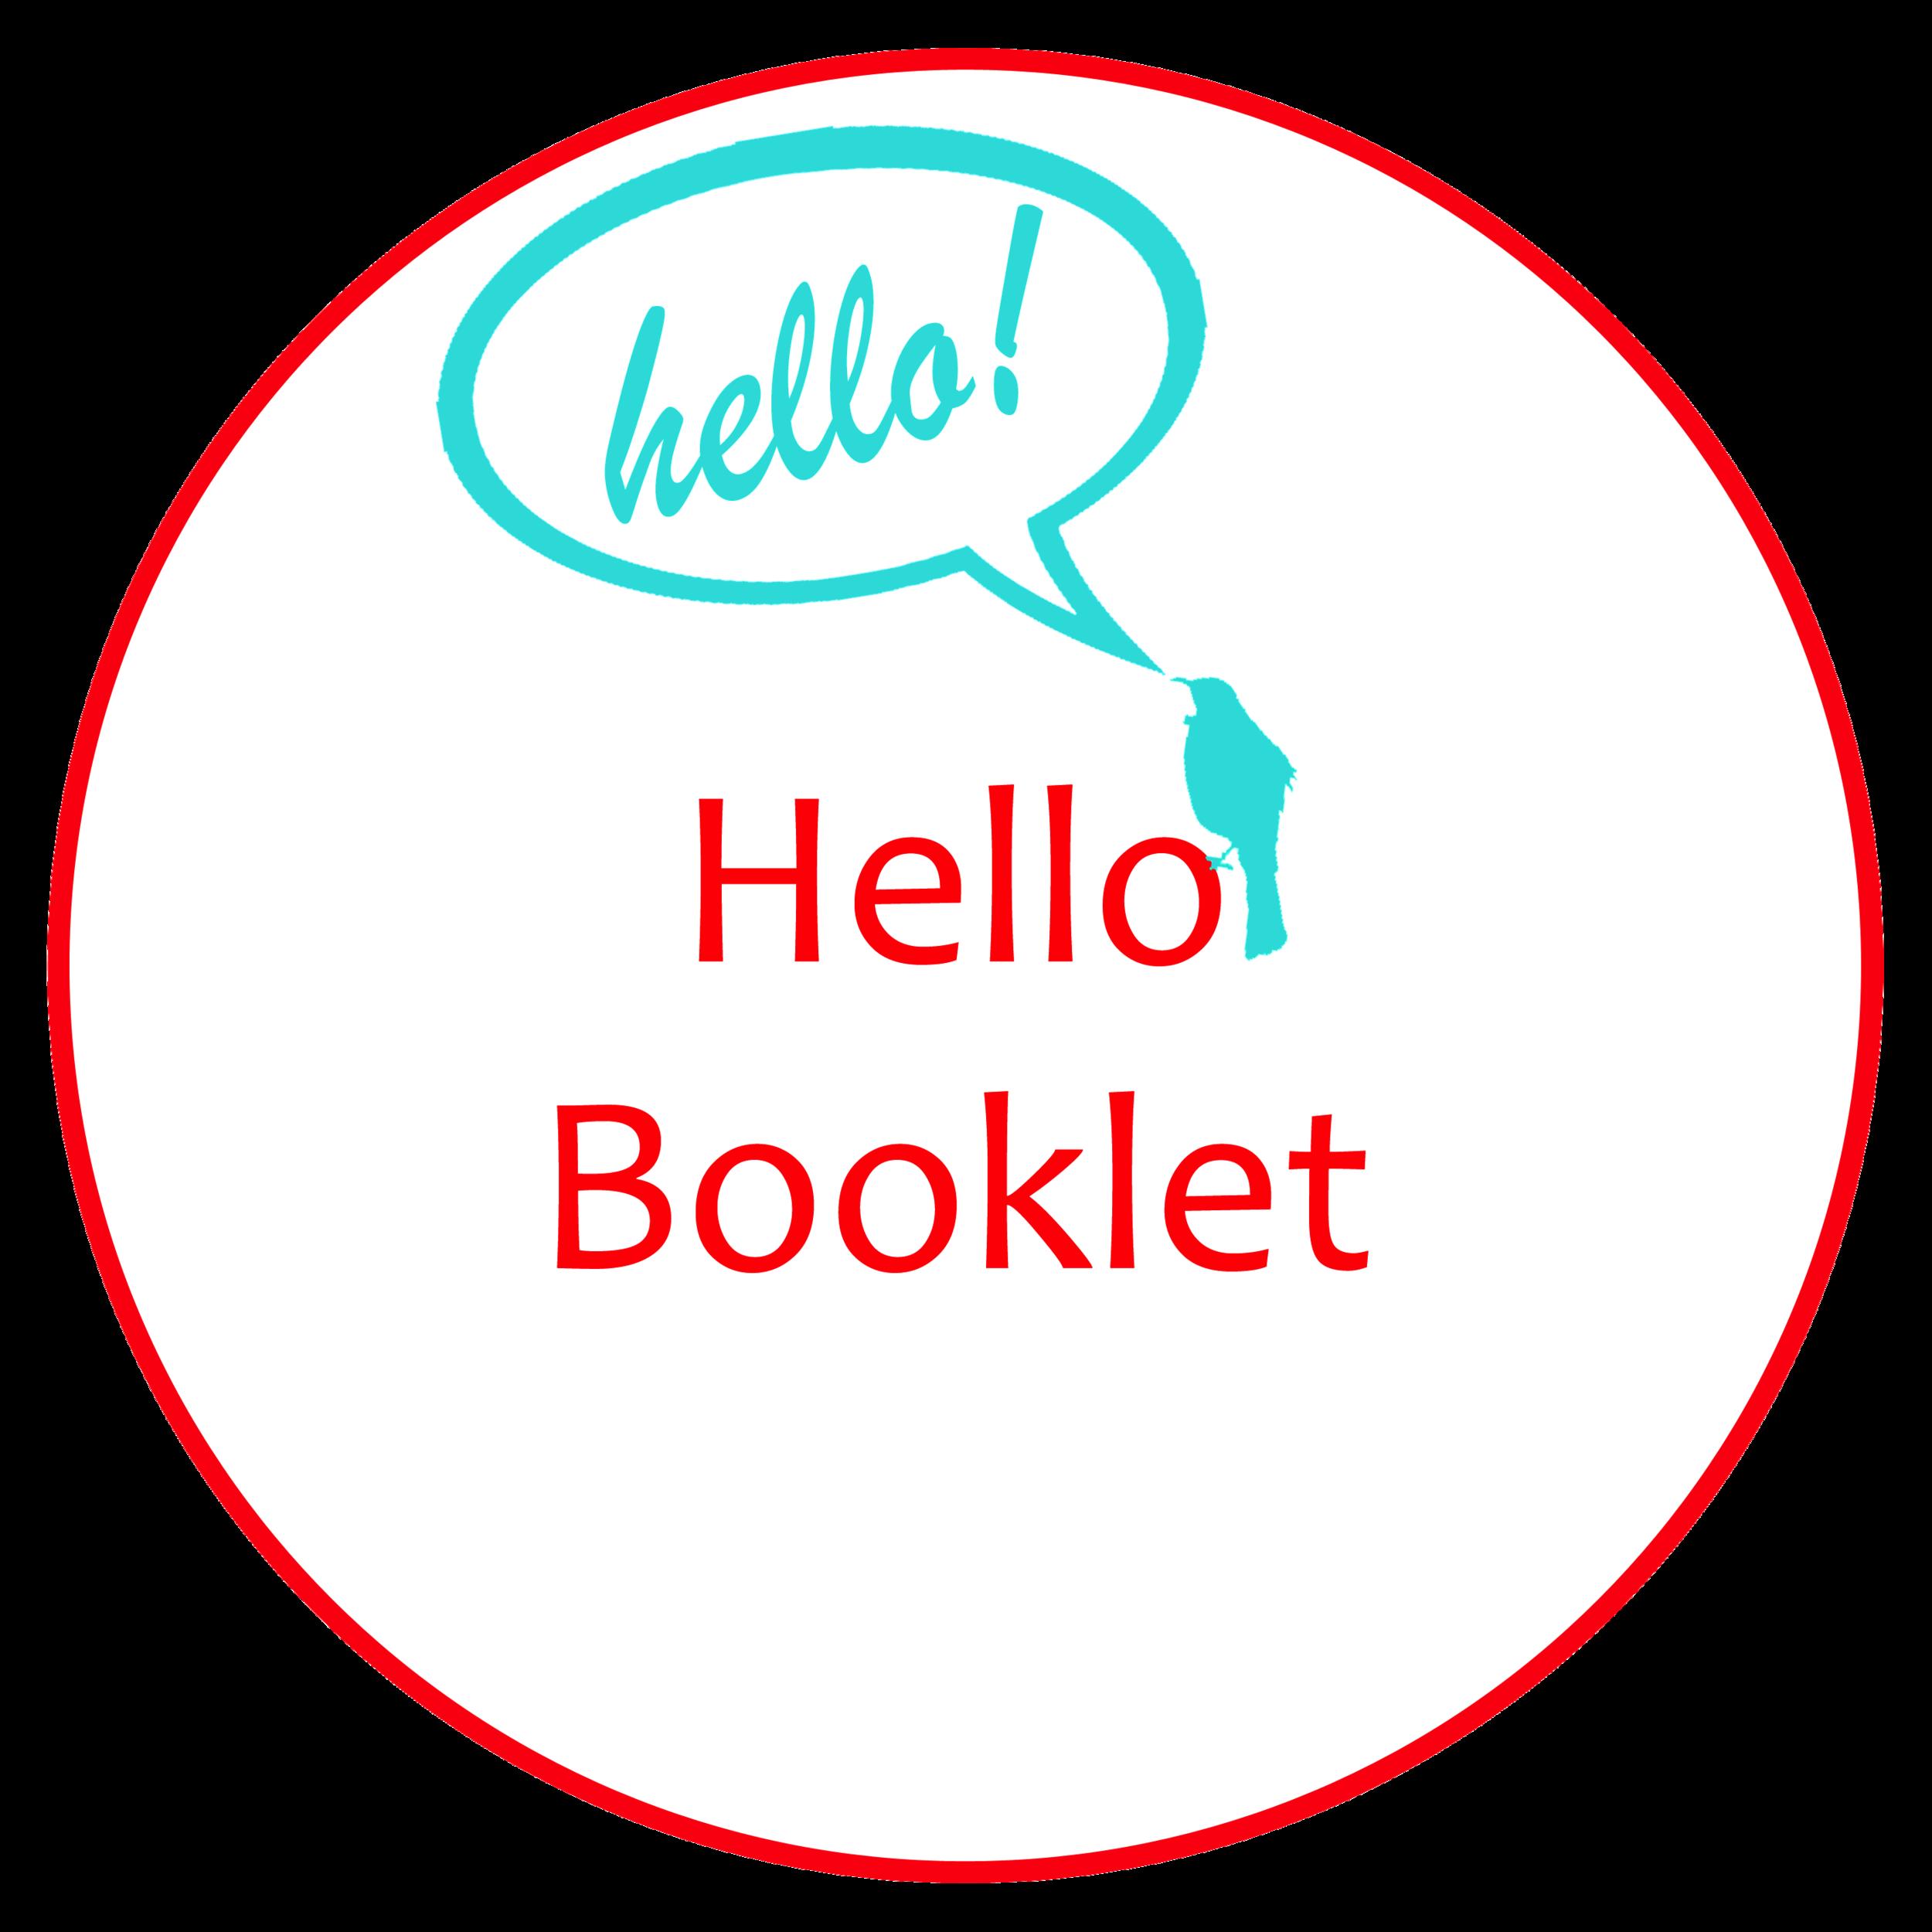 hira school hello booklet button